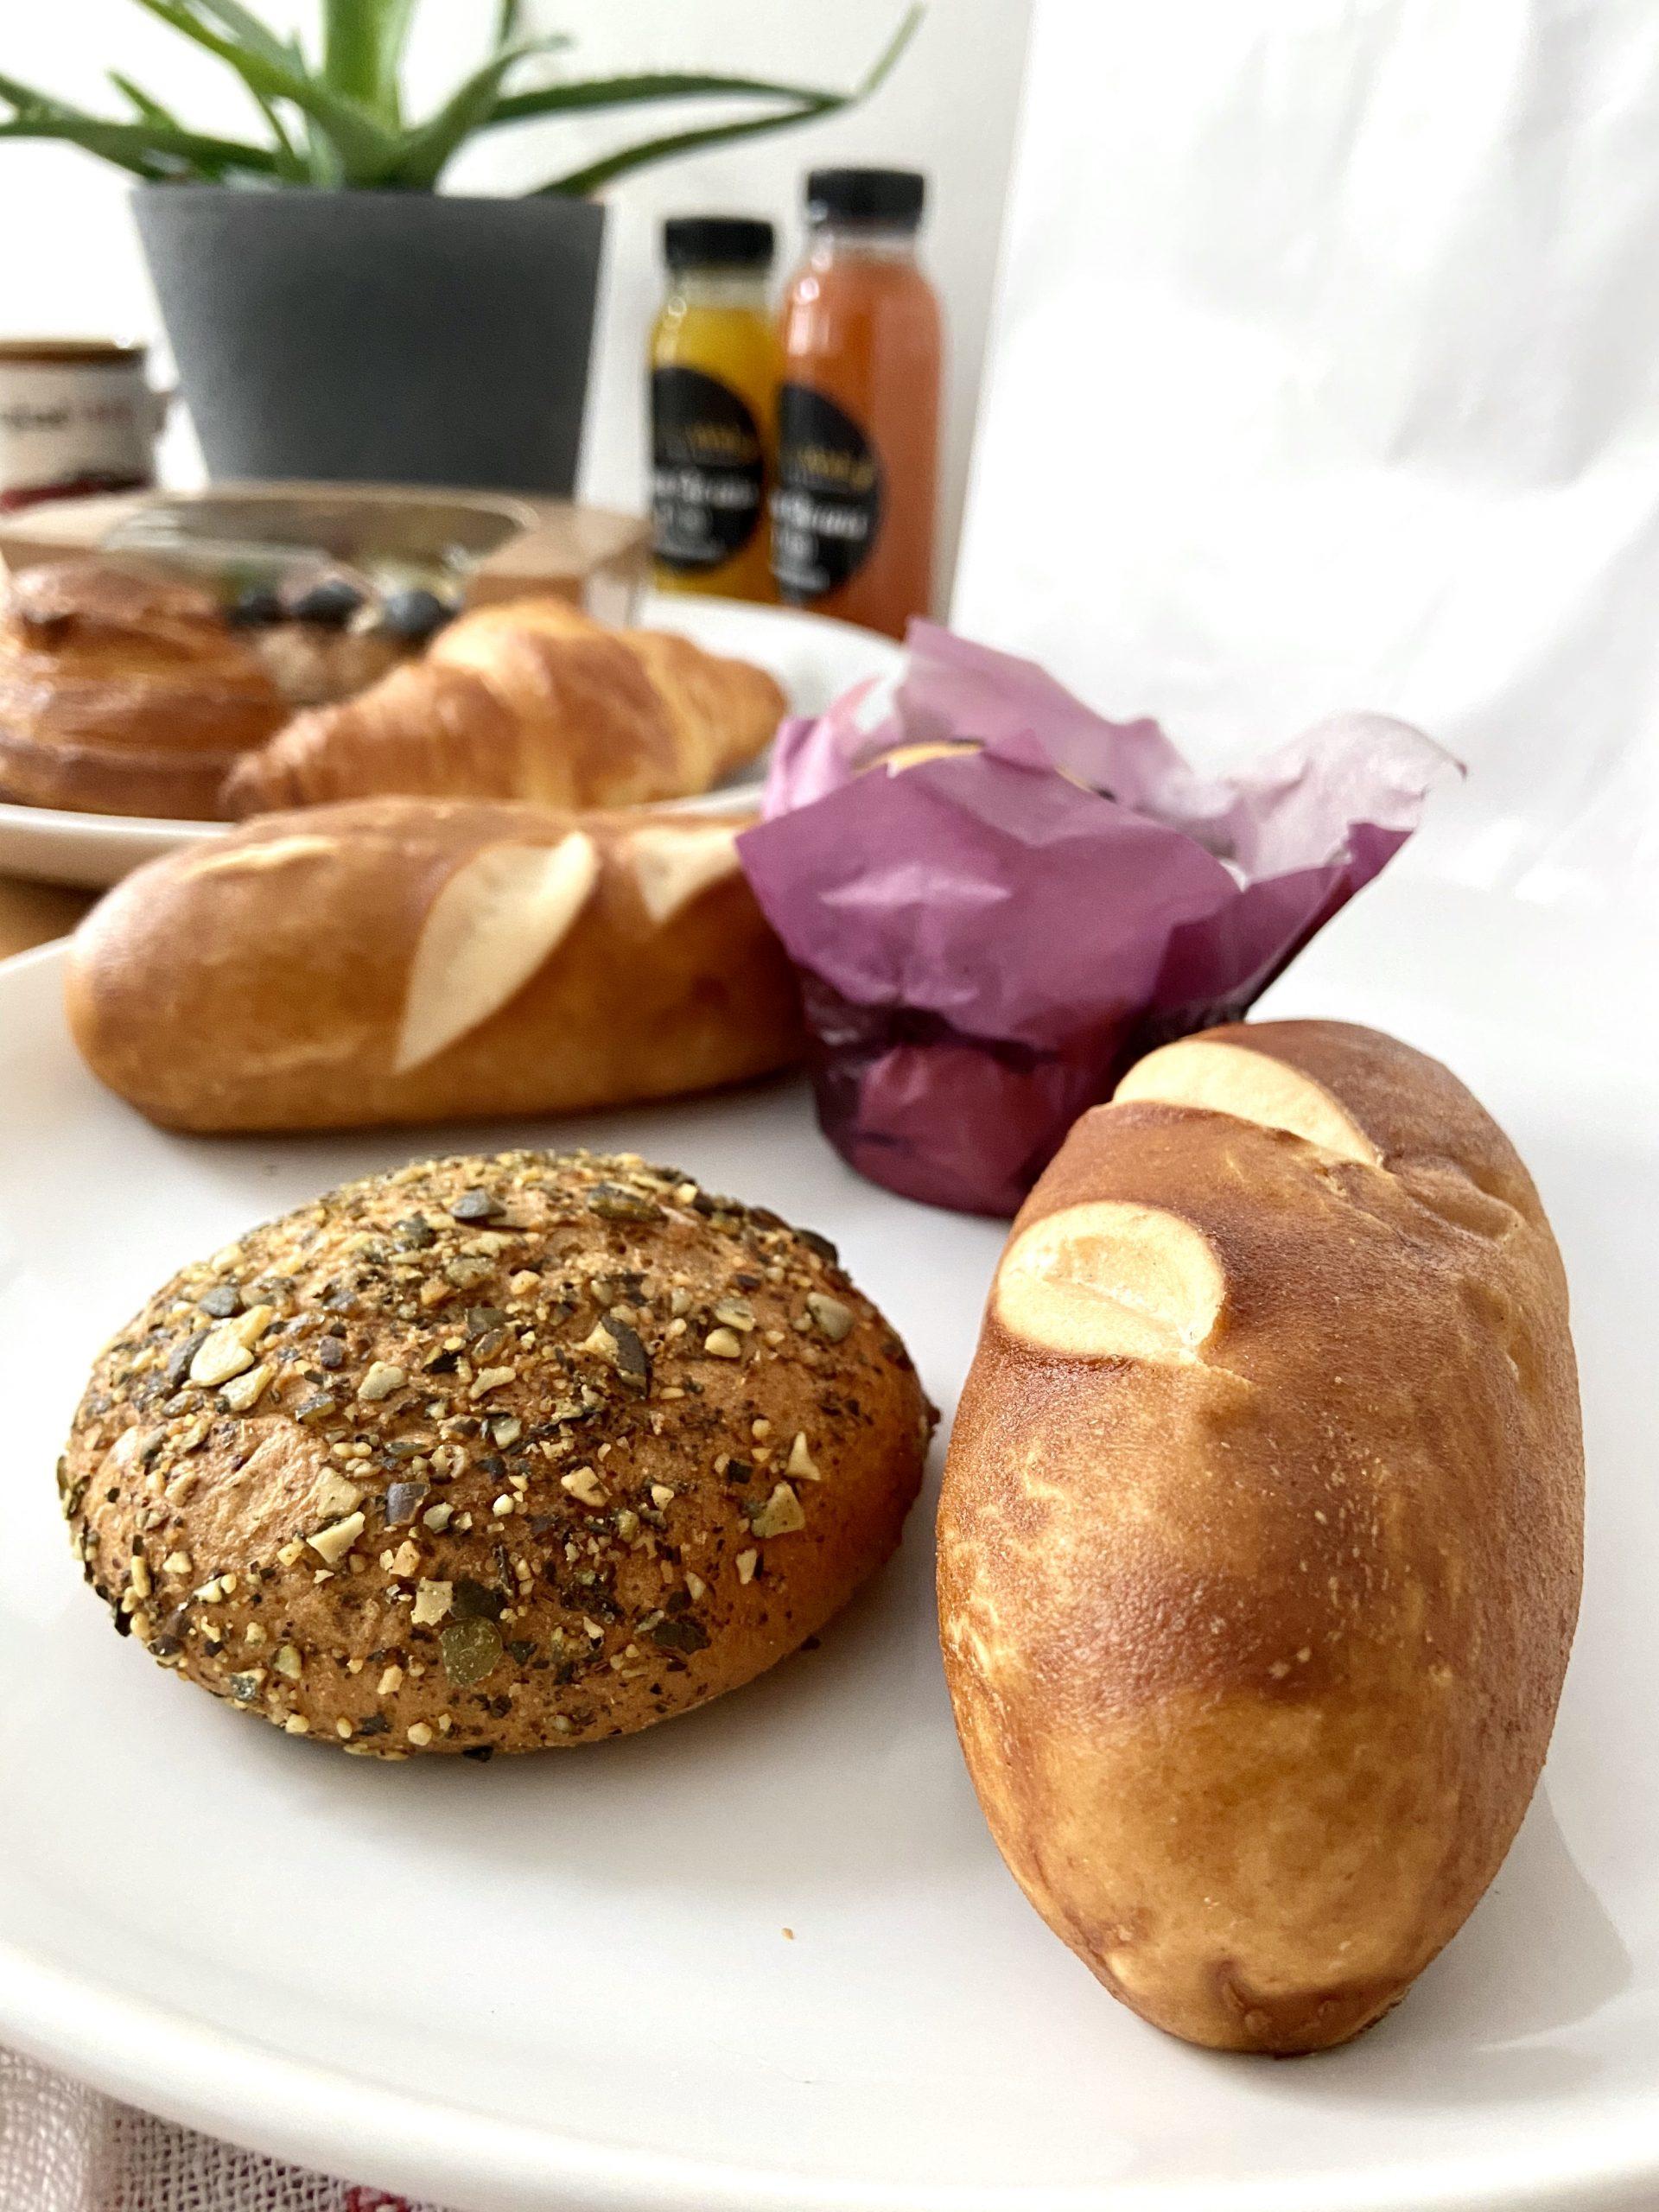 Glutenfreies Gebäck beim Lieferservice in Wien